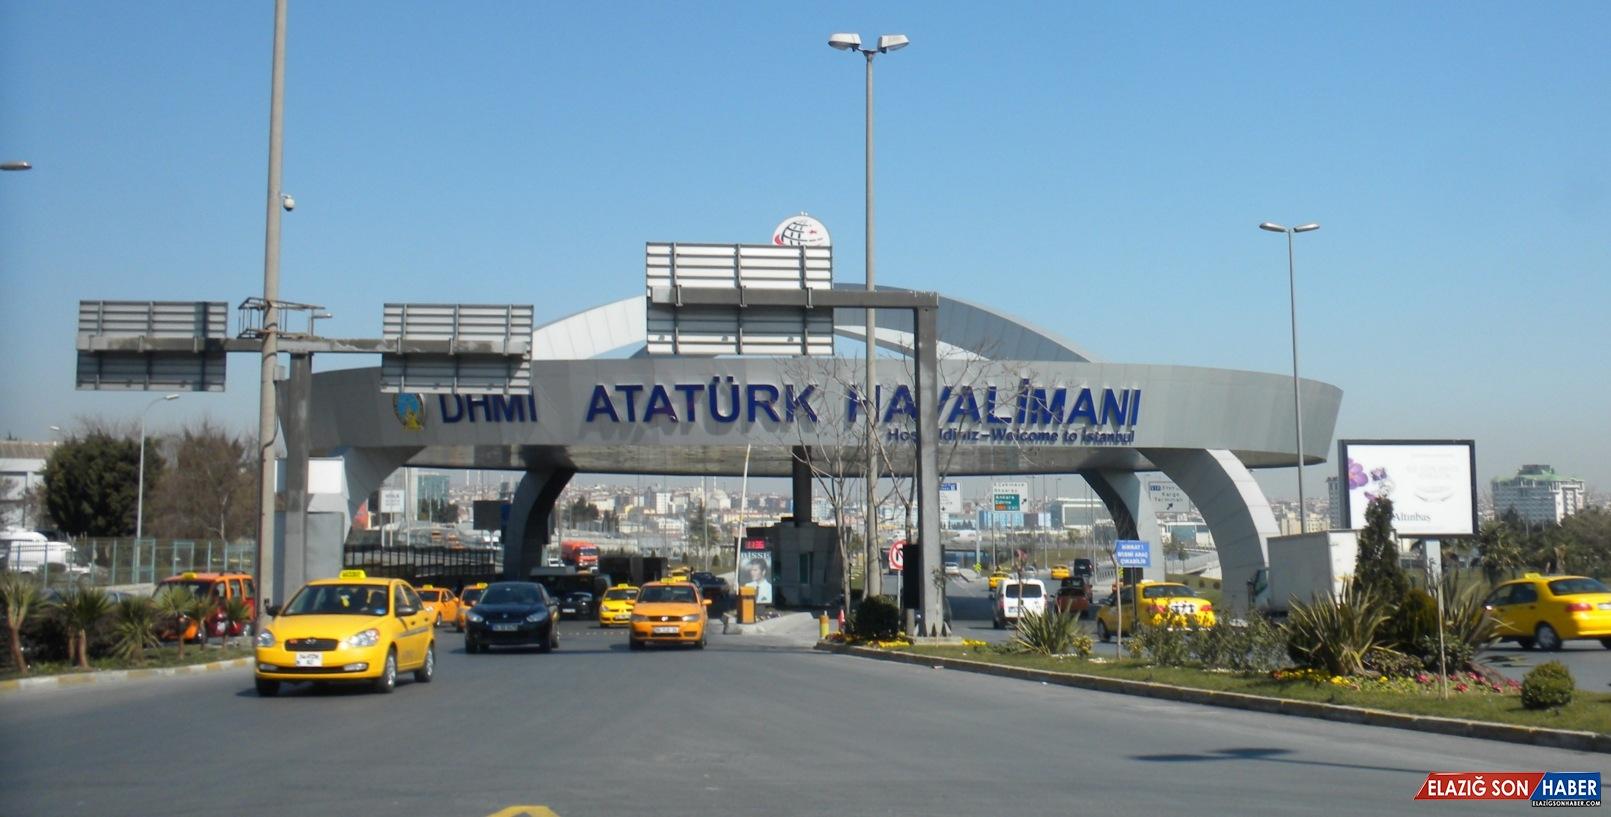 Atatürk Havalimanı 4 Ayda Yolcu Rekoru Kırdı